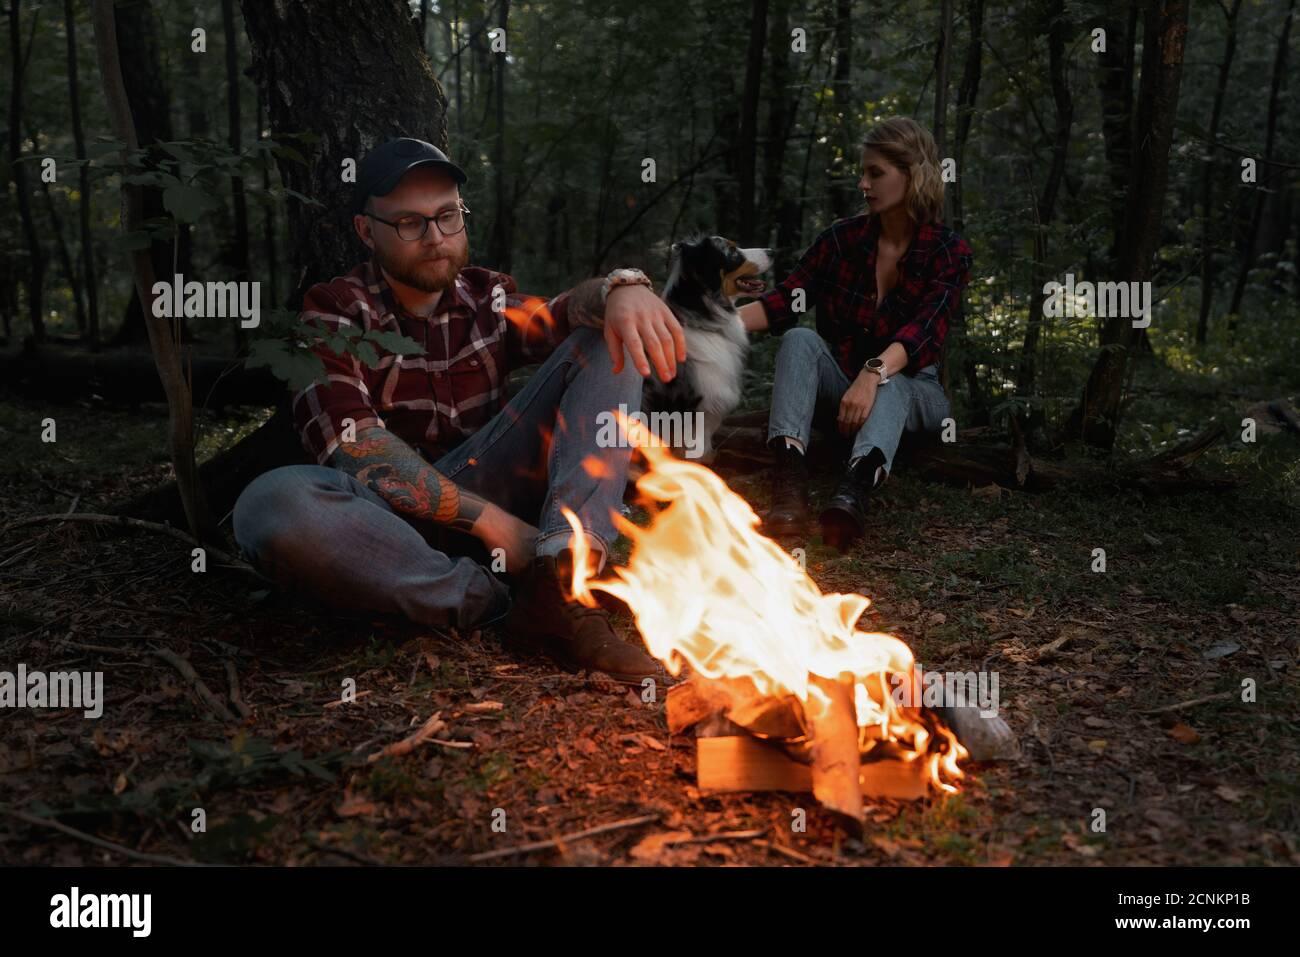 Belle Backpacker femme et homme ayant le repos près de Bonfire après se promener et randonnée dans la forêt avec Aussie chien de race australienne. Contient du chrominanc Banque D'Images